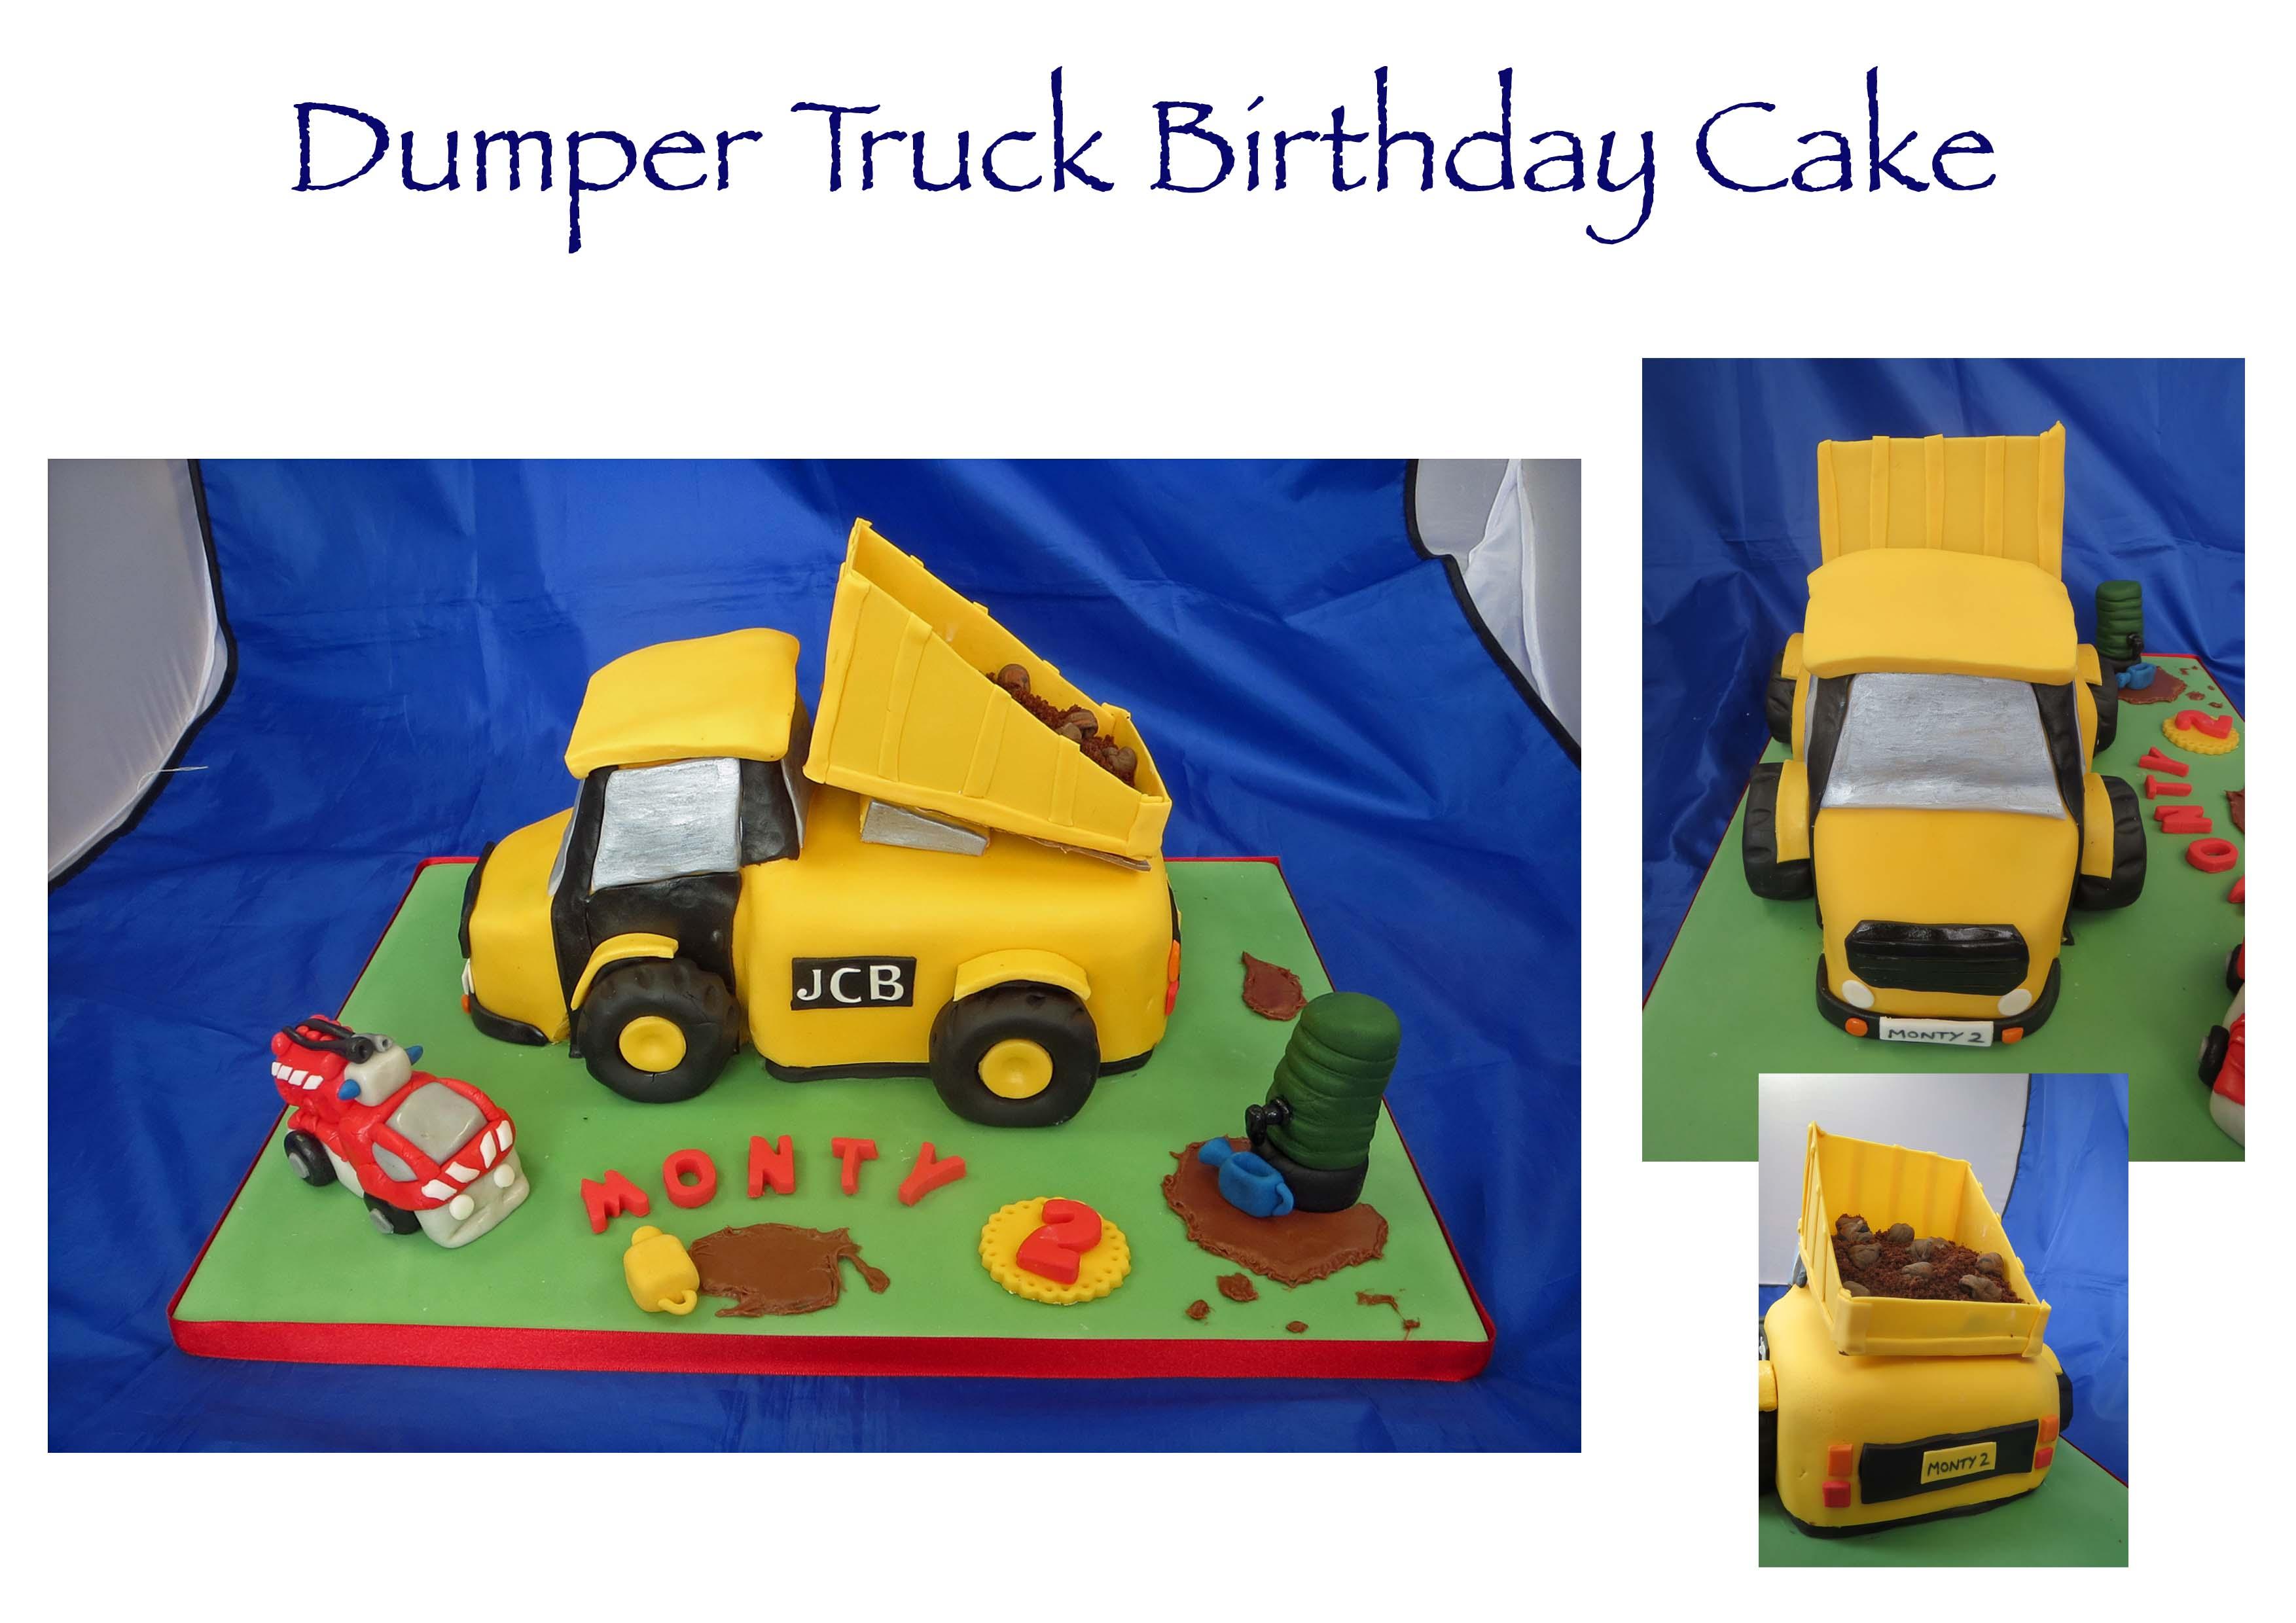 Dumper Truck Birthday Cake